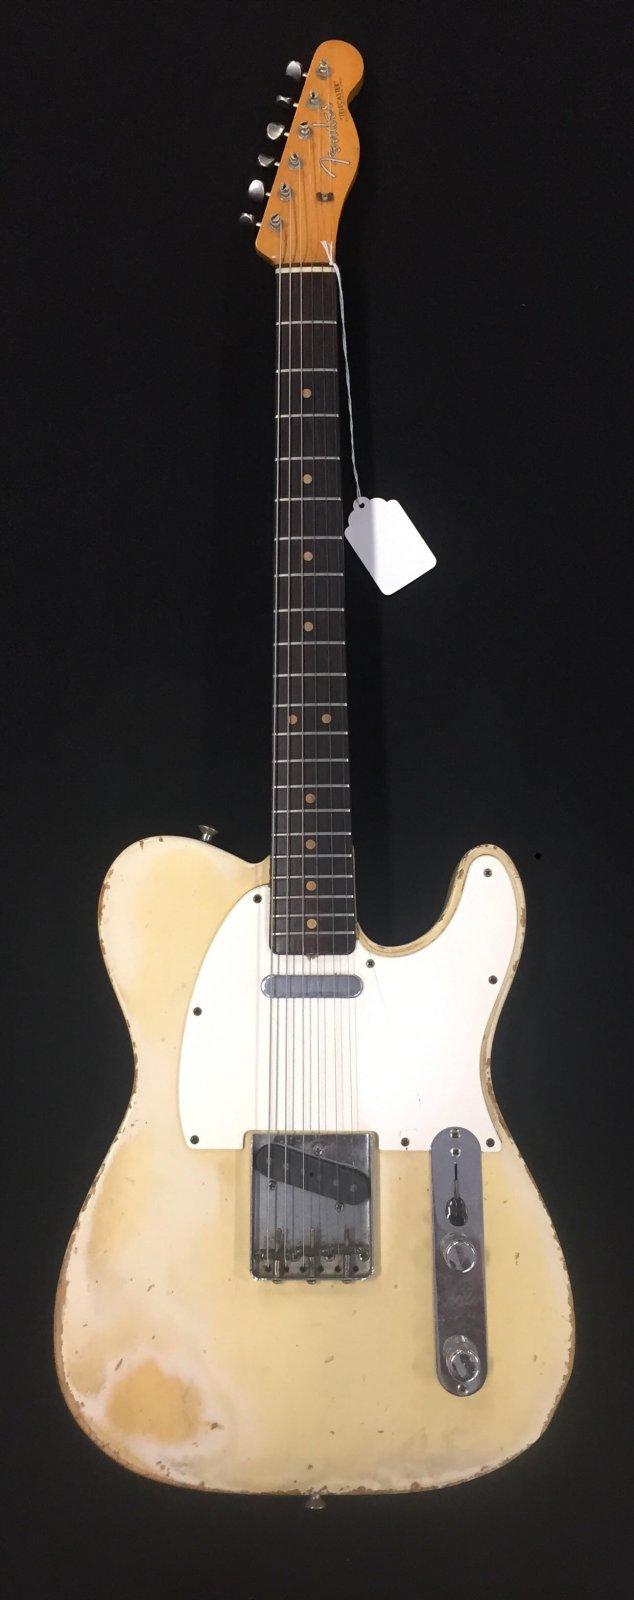 Fender Telecaster vintage 1963